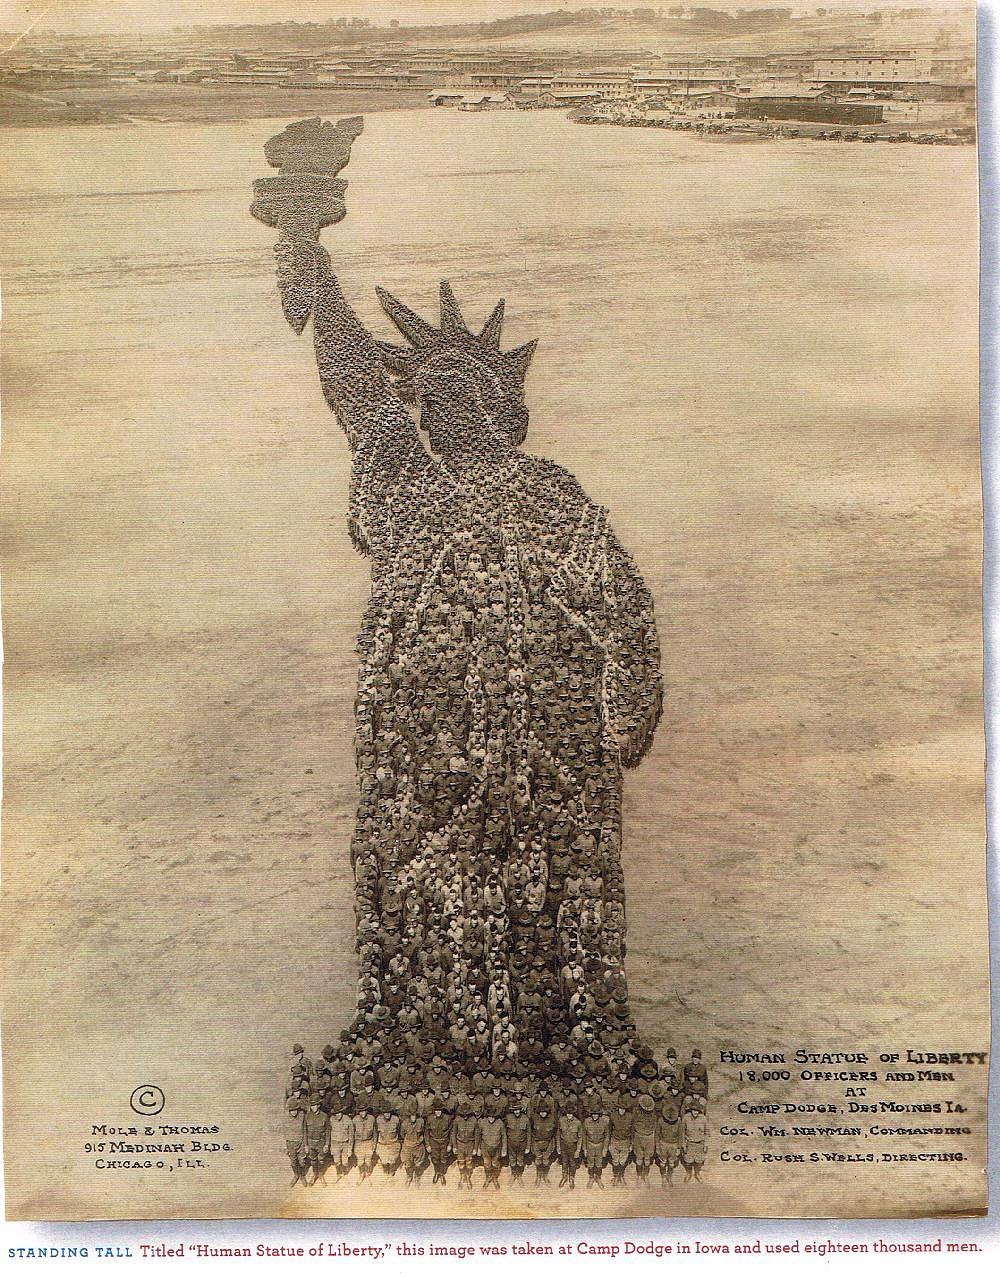 Estátua da Liberdade com 18000 homens